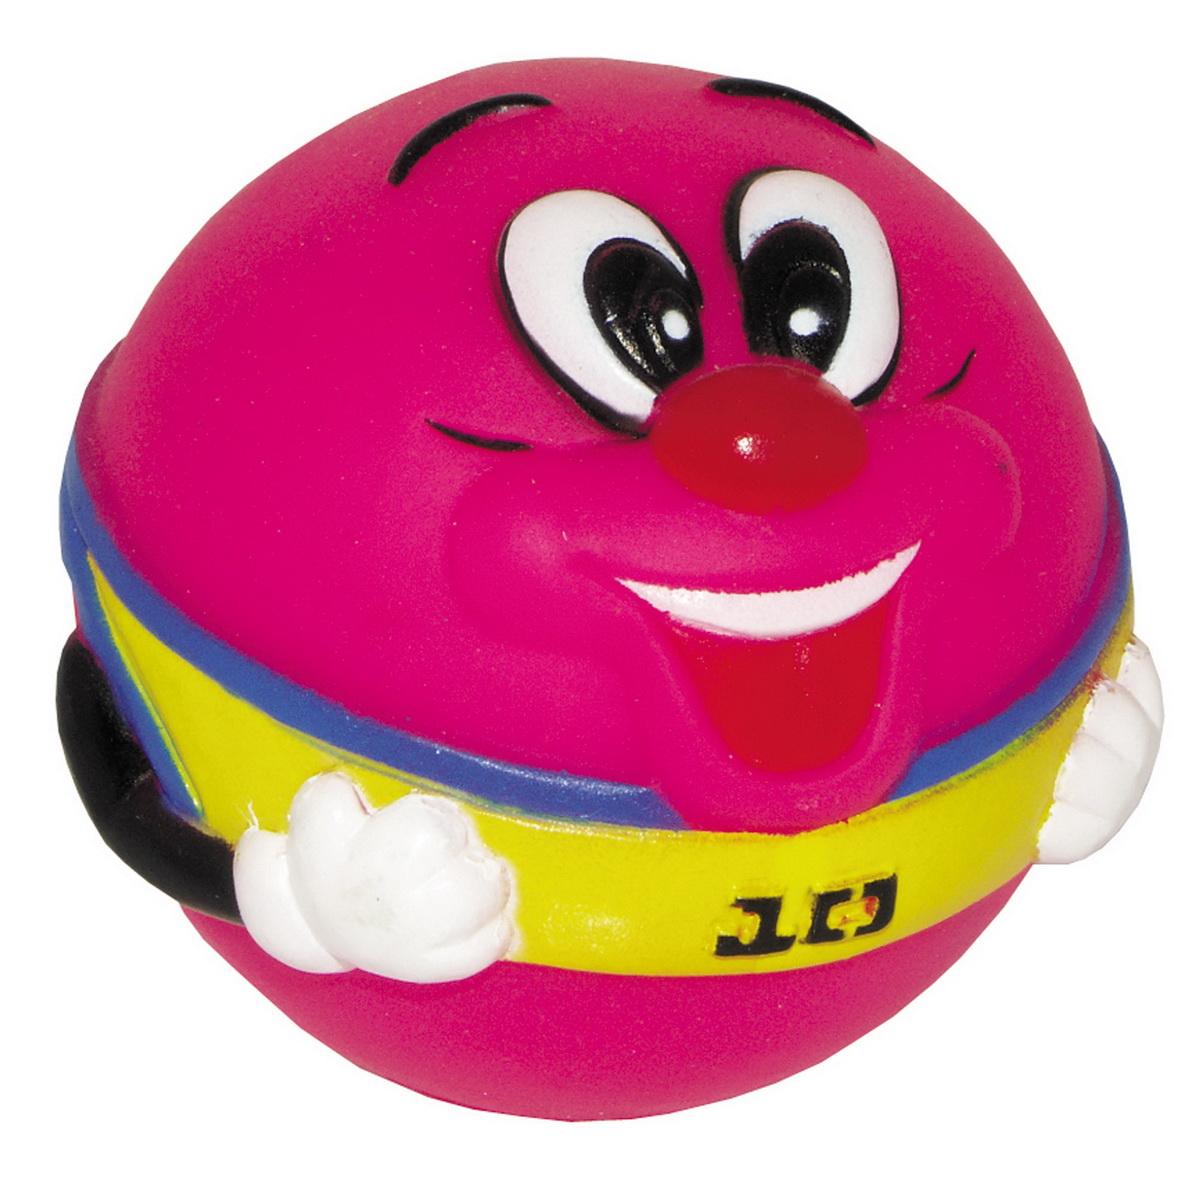 Игрушка для собак Dezzie Мяч. Собачья радость, цвет: розовый, диаметр 8,5 см. 56040080120710Игрушка для собак Dezzie Мяч. Собачья радость из винила практична, функциональна и совершенно безопасна для здоровья животного. Ее легко мыть и дезинфицировать. Такая игрушка очень легкая, поэтому собаке совсем нетрудно брать ее в пасть и переносить с места на место. Игрушка из винила станет прекрасным подарком для неугомонного четвероногого питомца.Диаметр мяча: 8,5 см.